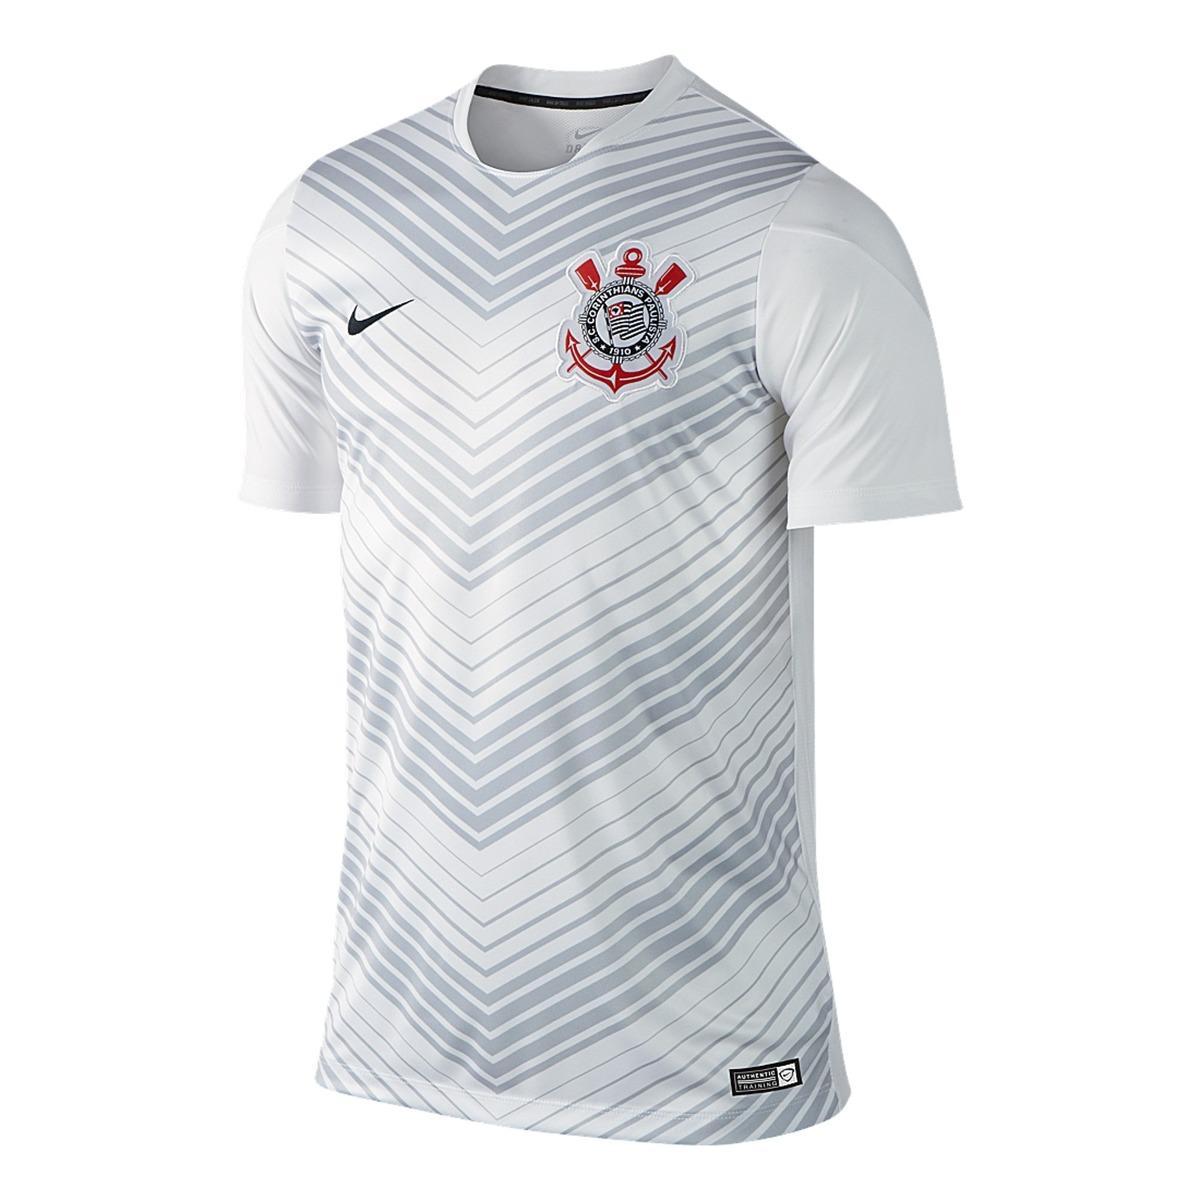 64c925054de38 camisa corinthians treino pre match 2014 nike. Carregando zoom.